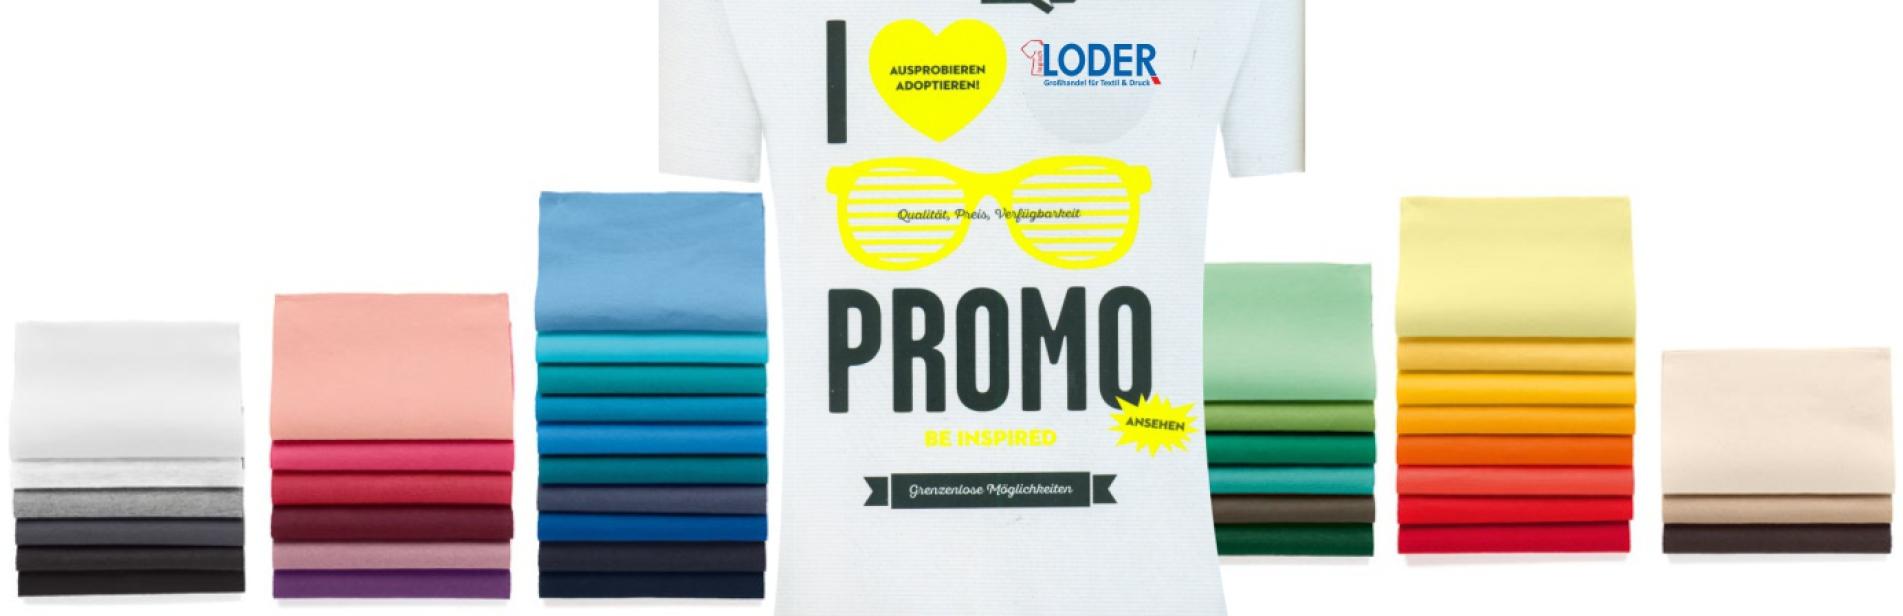 Logisch Loder Textildruck in Österreich